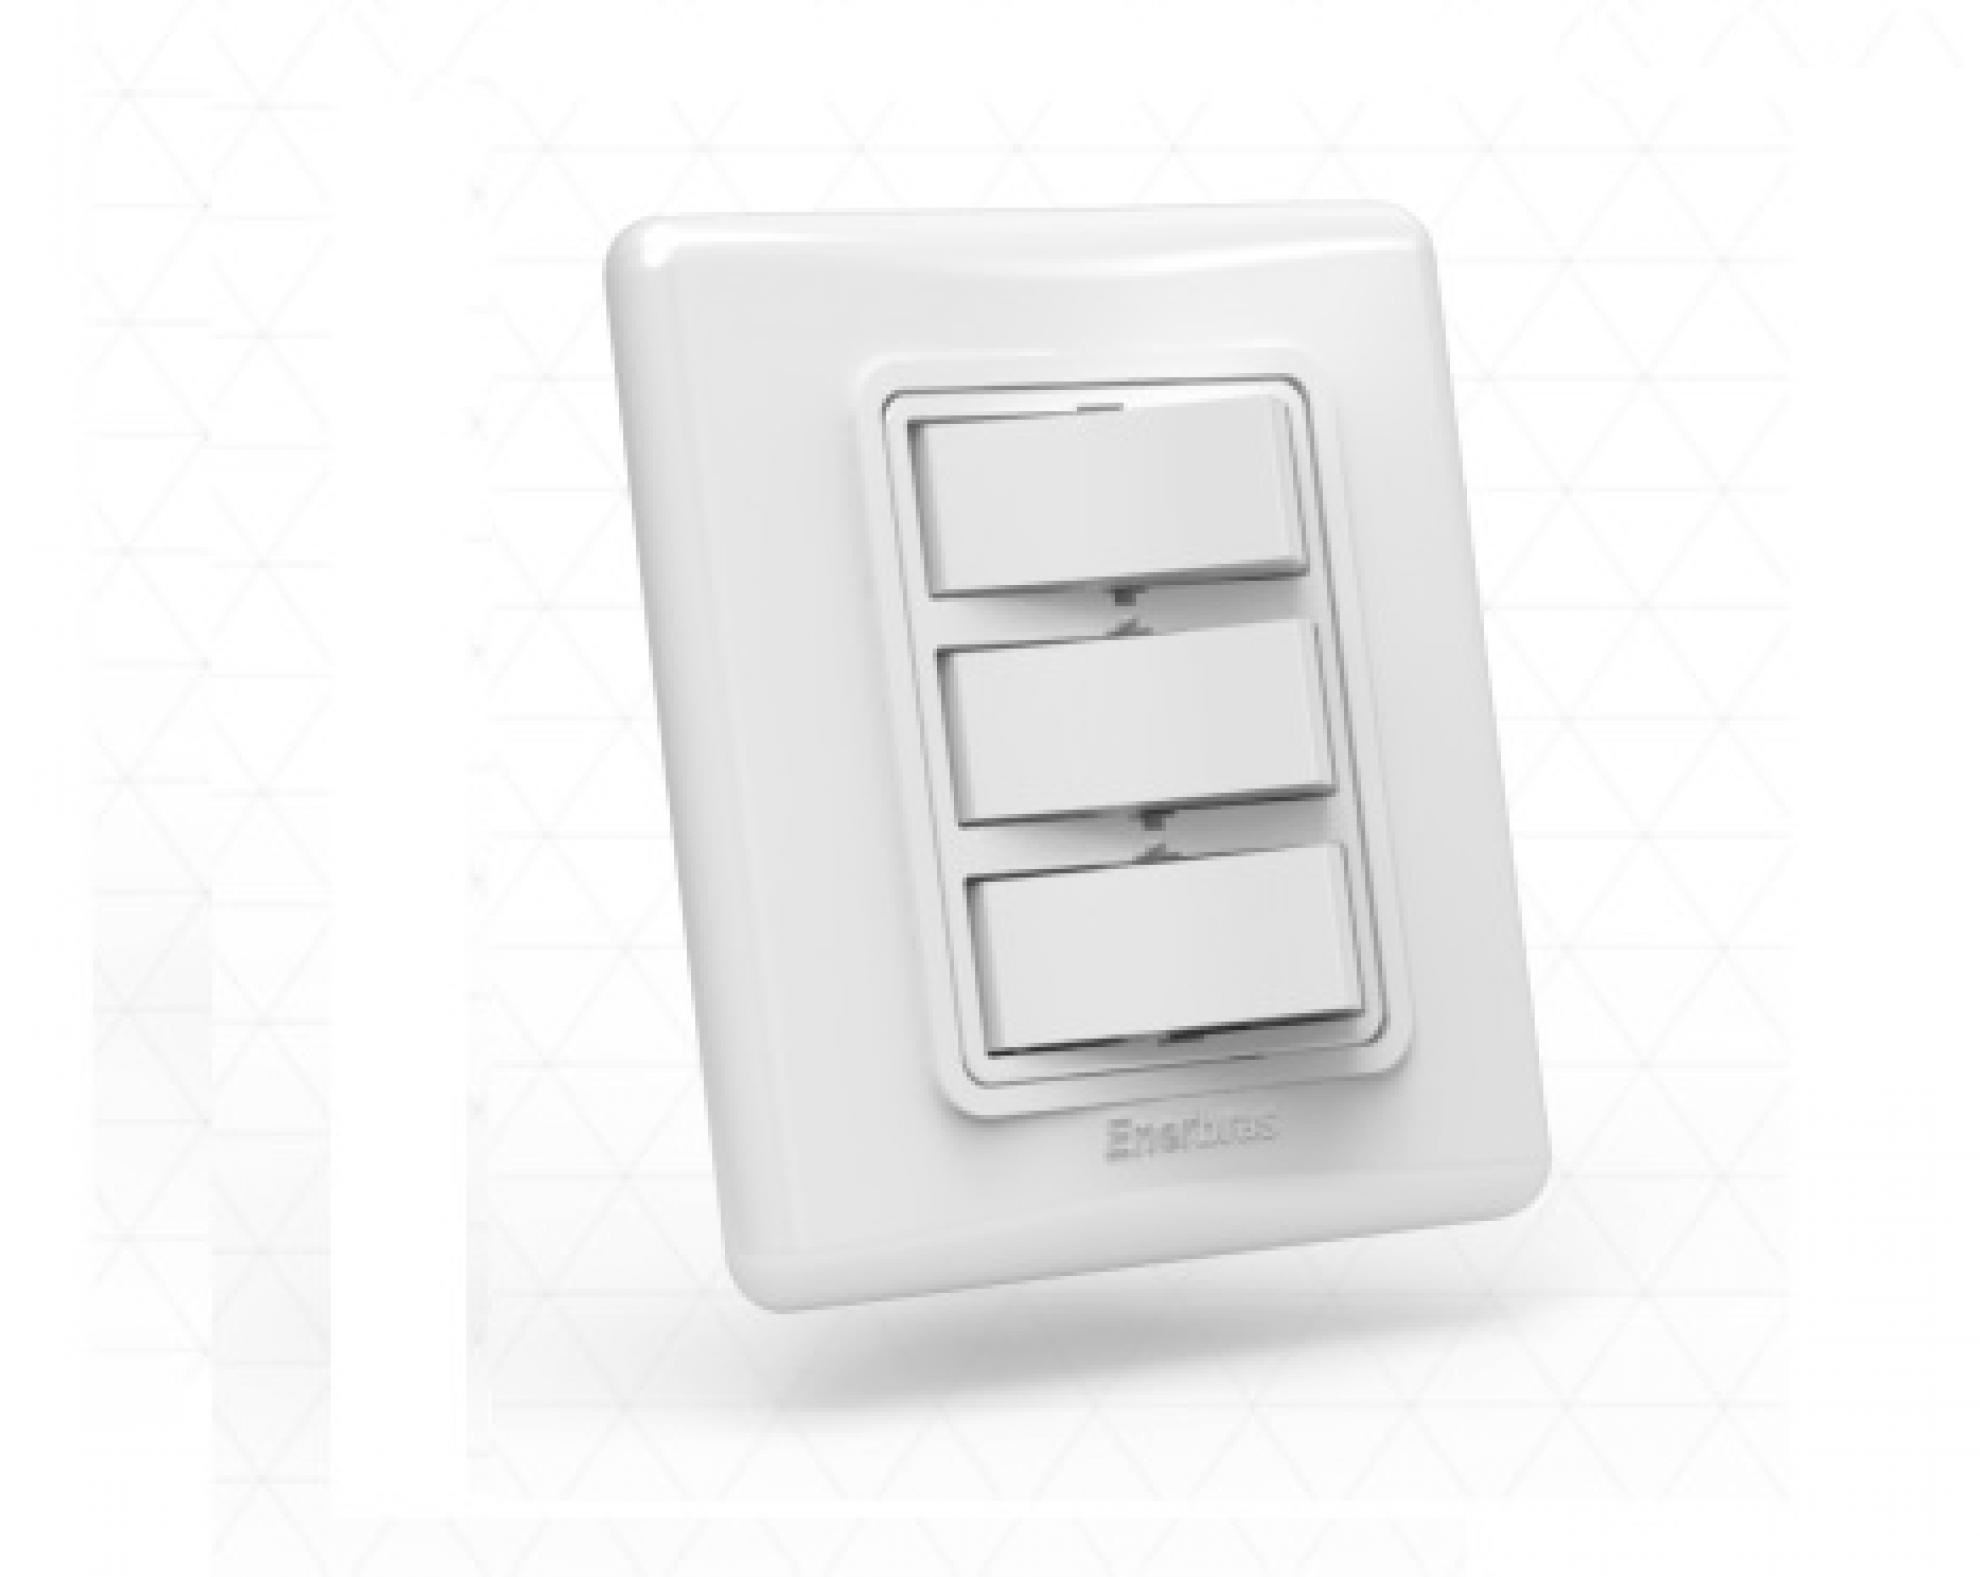 Interruptor com 3 teclas - Paralelo branco